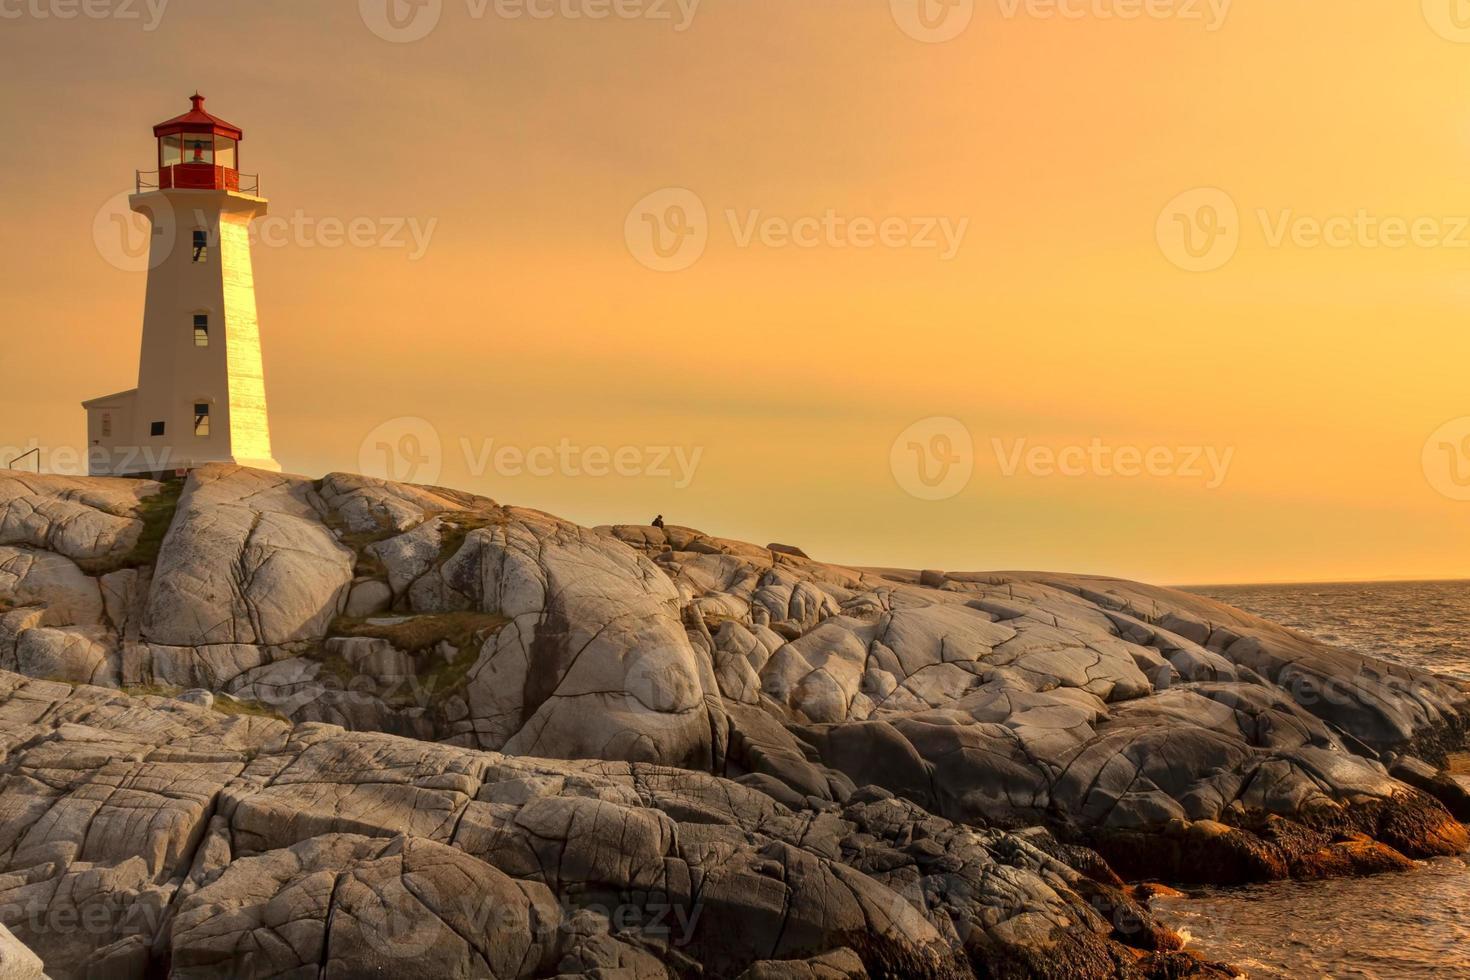 Lighthouse on a rocky shore. photo